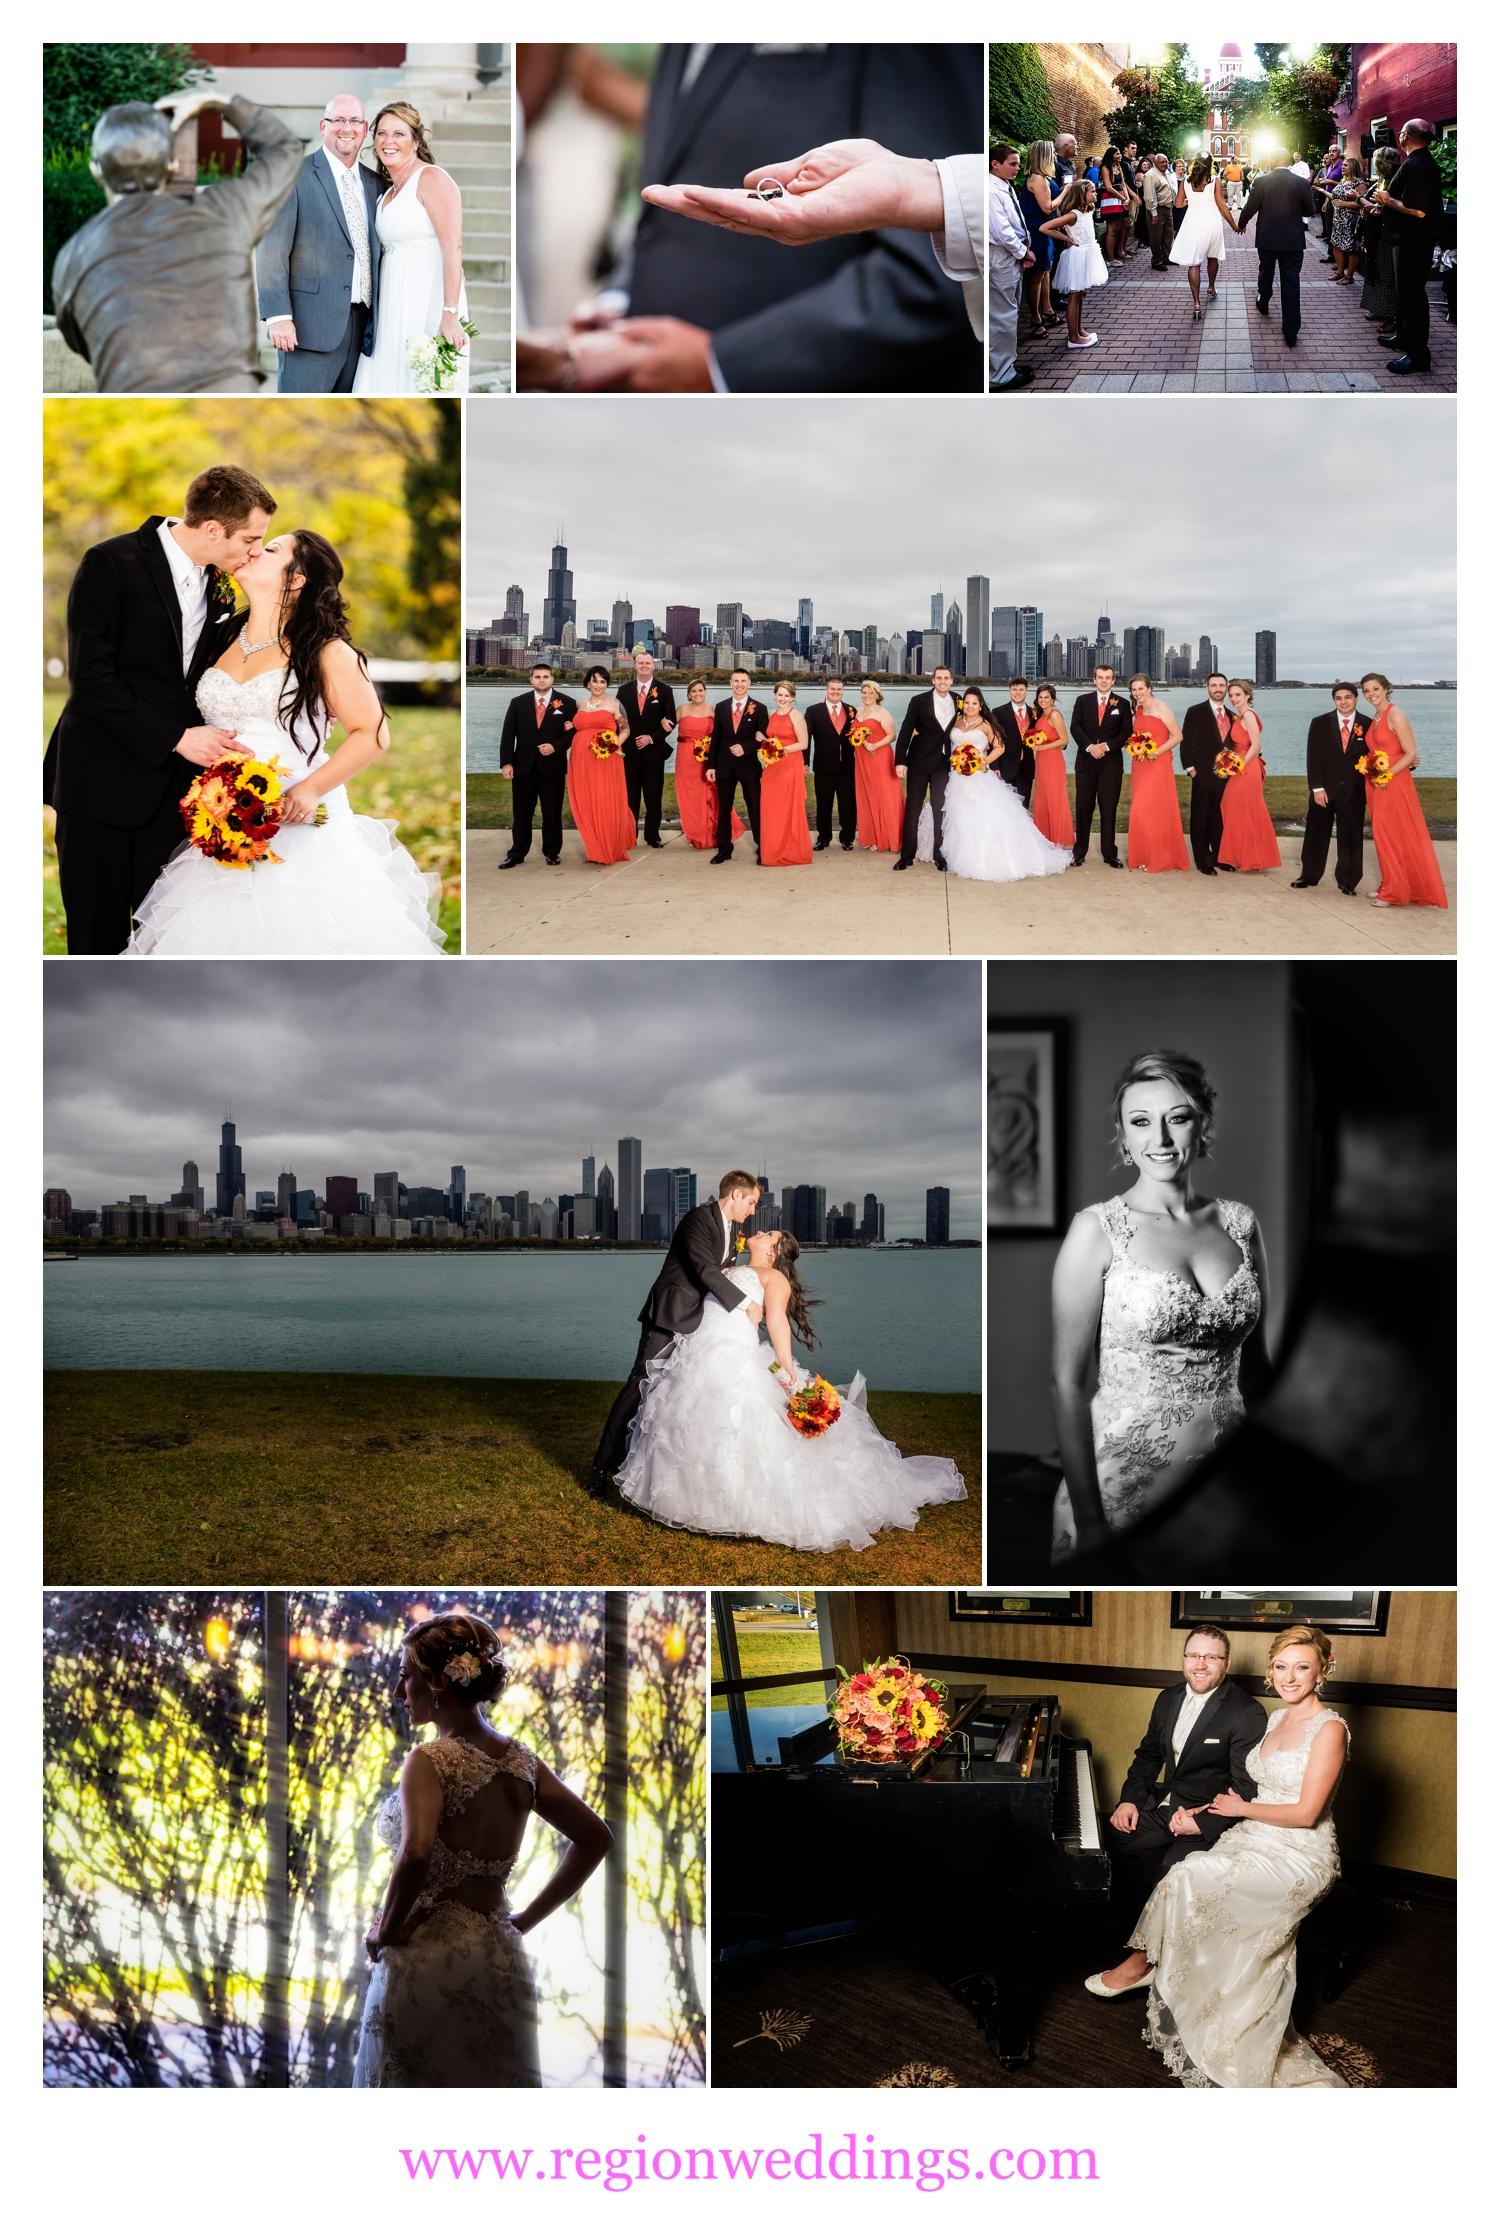 northwest-indiana-wedding-photography-collage11.jpg